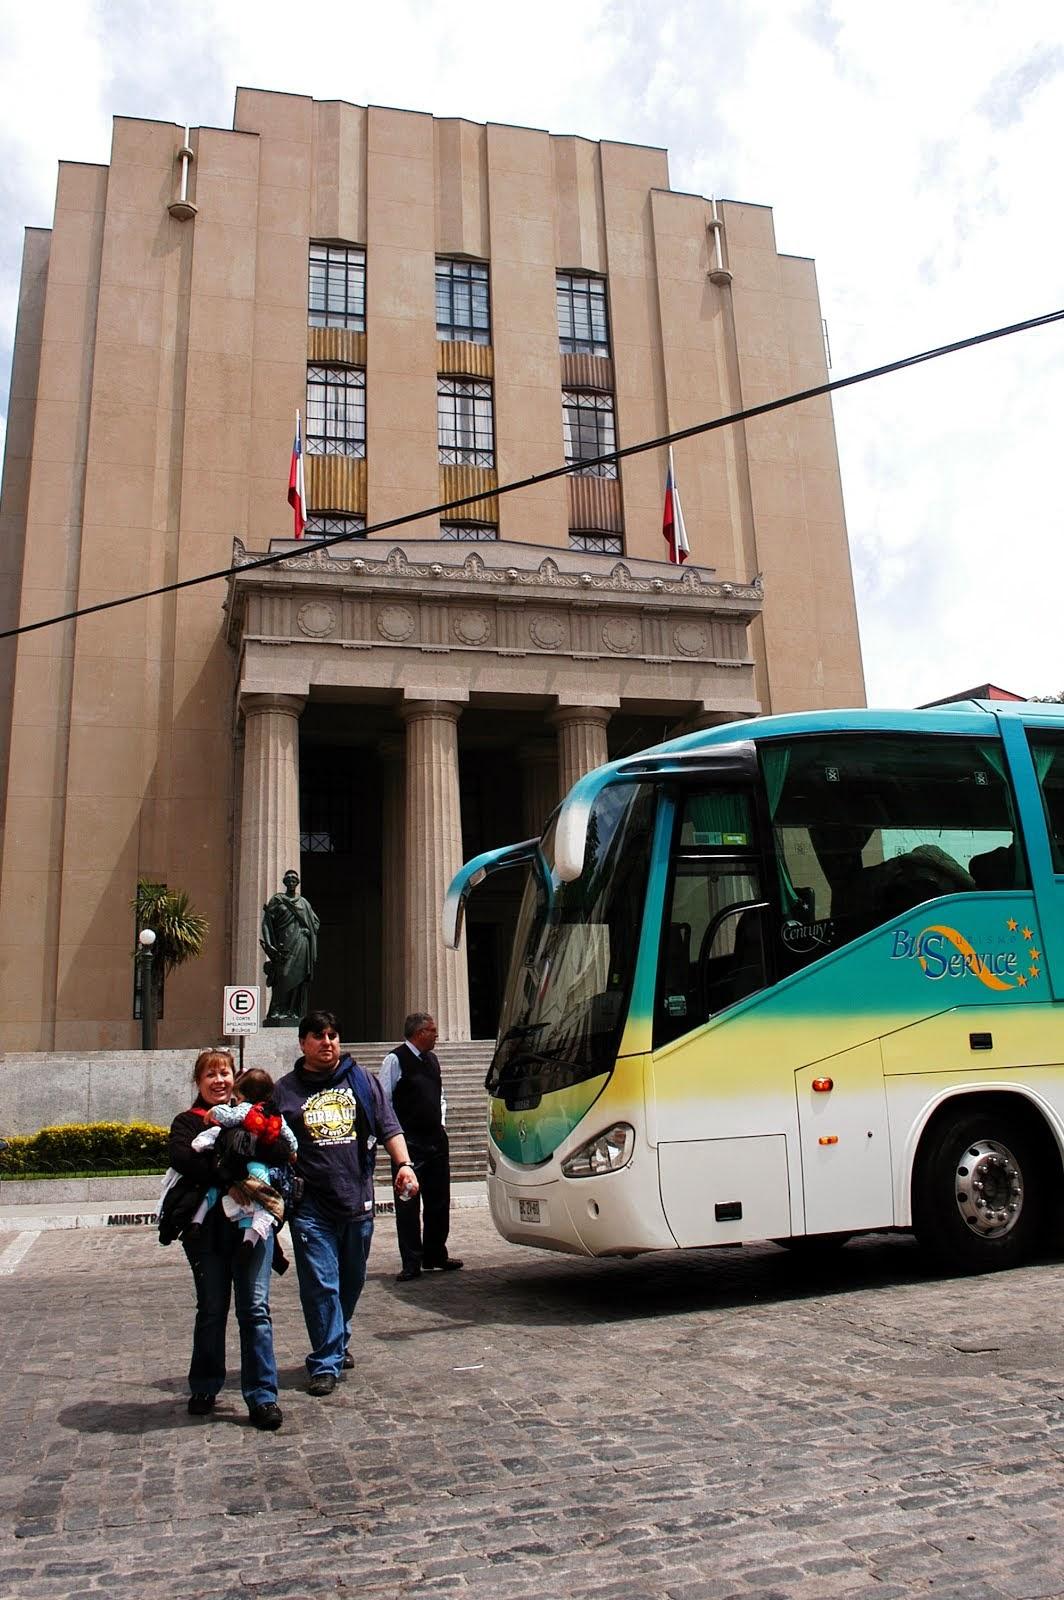 TRANSFERS & TOURS SANTIAGO/VALPARAISO